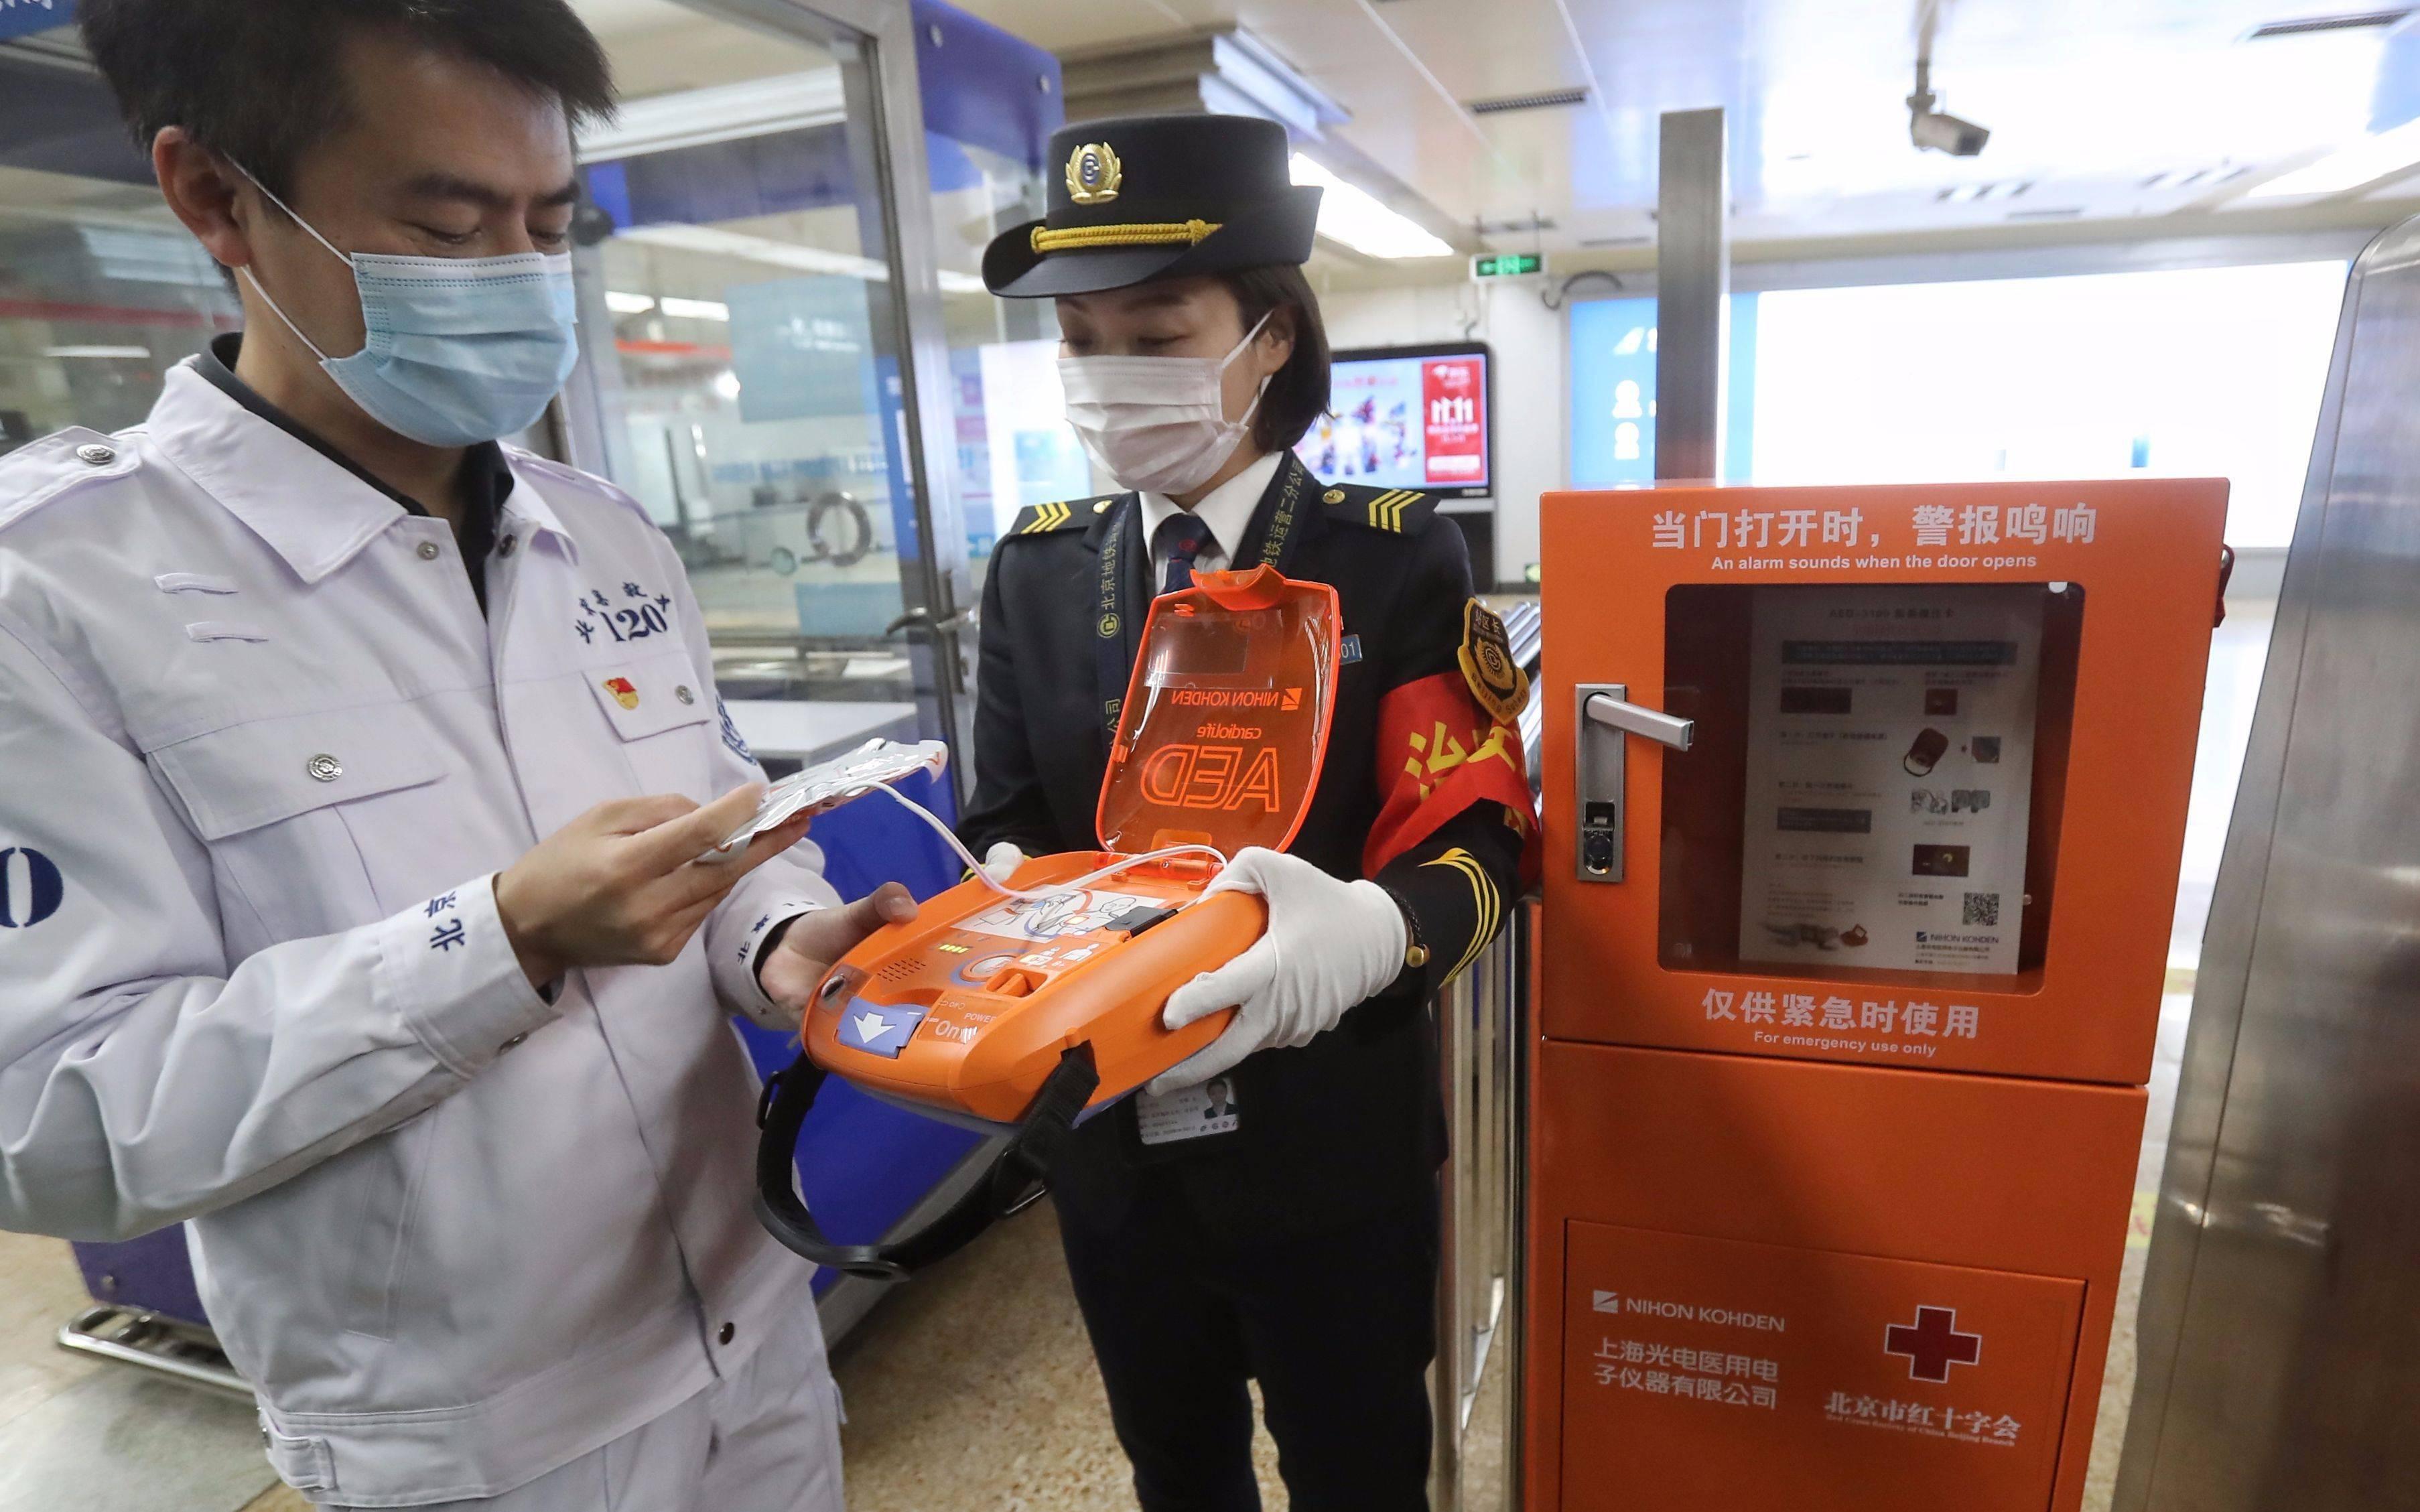 恒达注册AED设备进入北京地铁 救人你敢用吗?(图2)